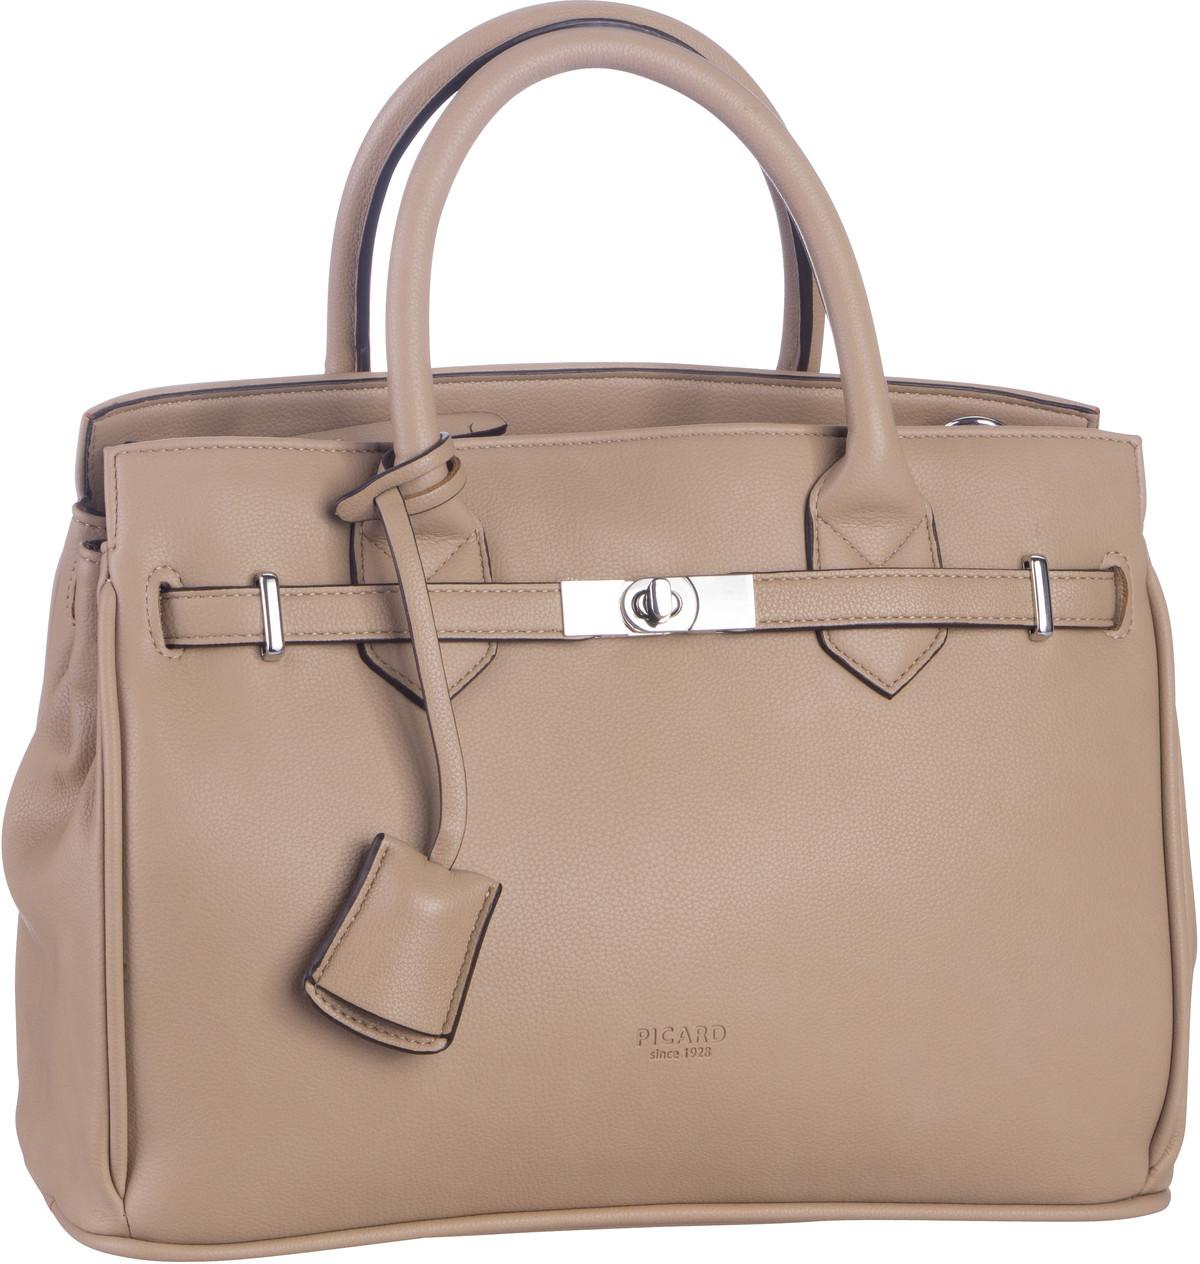 Handtasche New York 9679 Stone